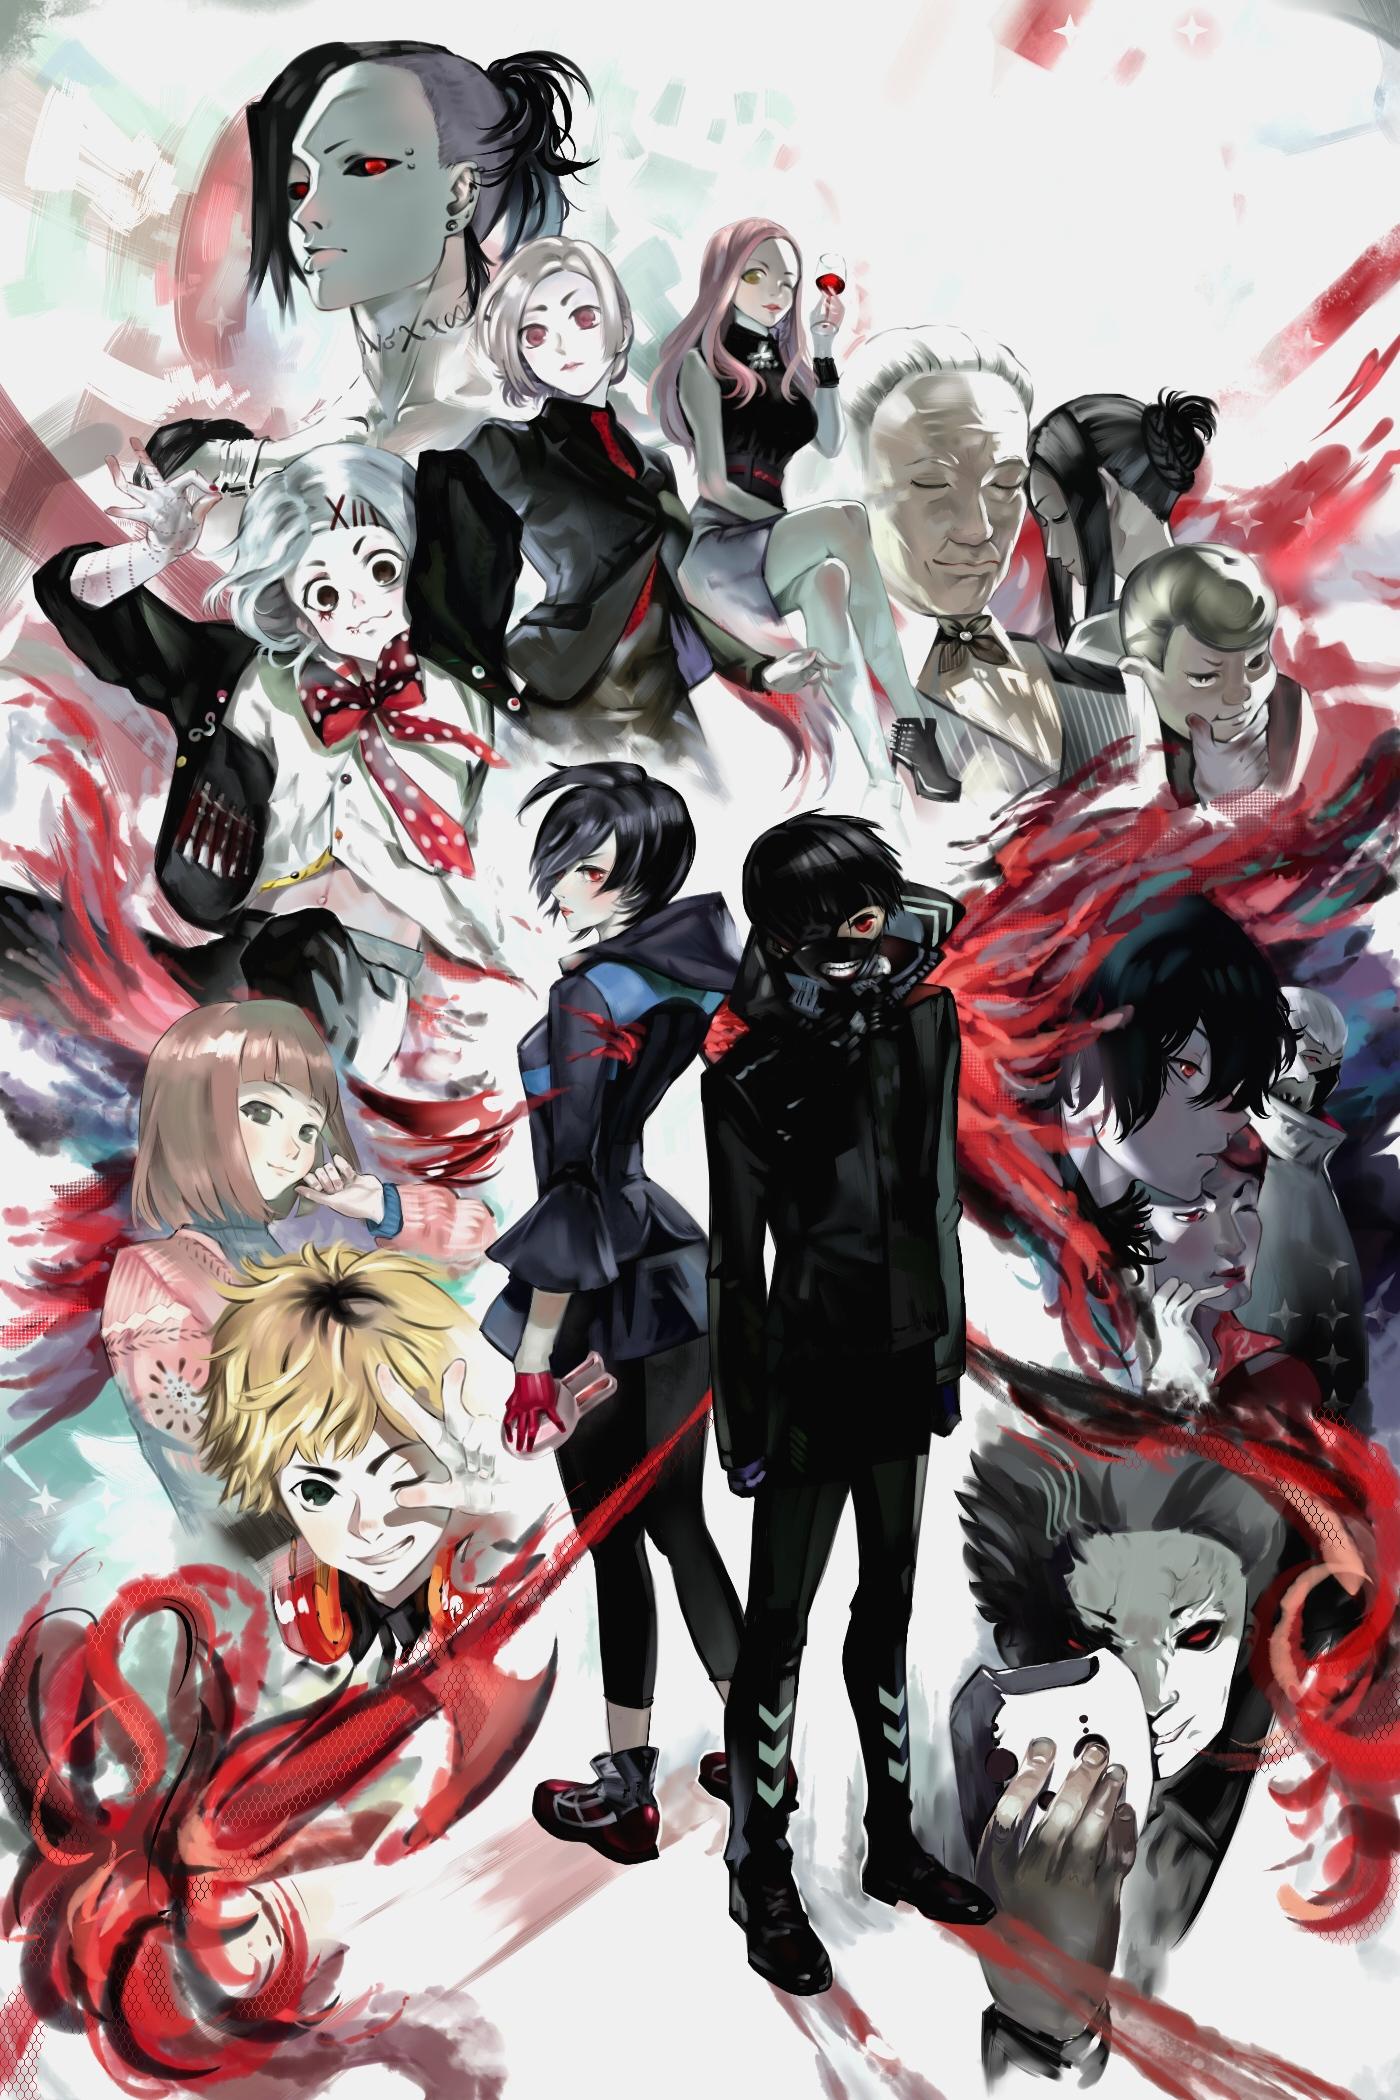 Tokyo ghoul kaneki ken anime 1080p 2k 4k 5k hd wallpapers. 19++ Anime Phone Wallpaper Tokyo Ghoul - Baka Wallpaper